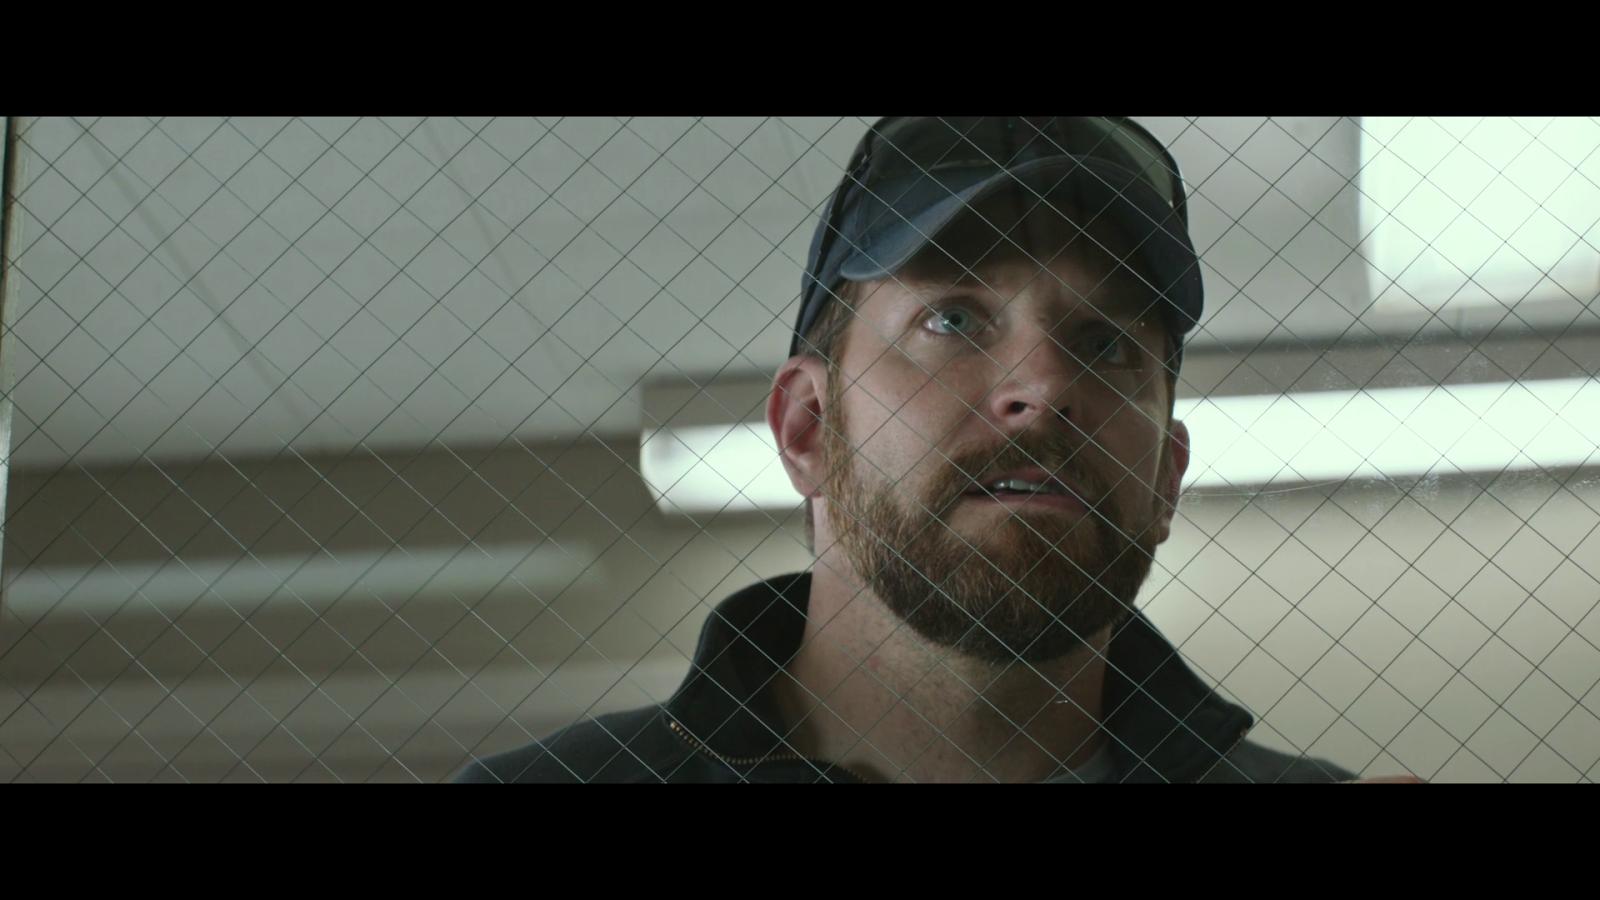 American Sniper (2014) 1080p BD25 4